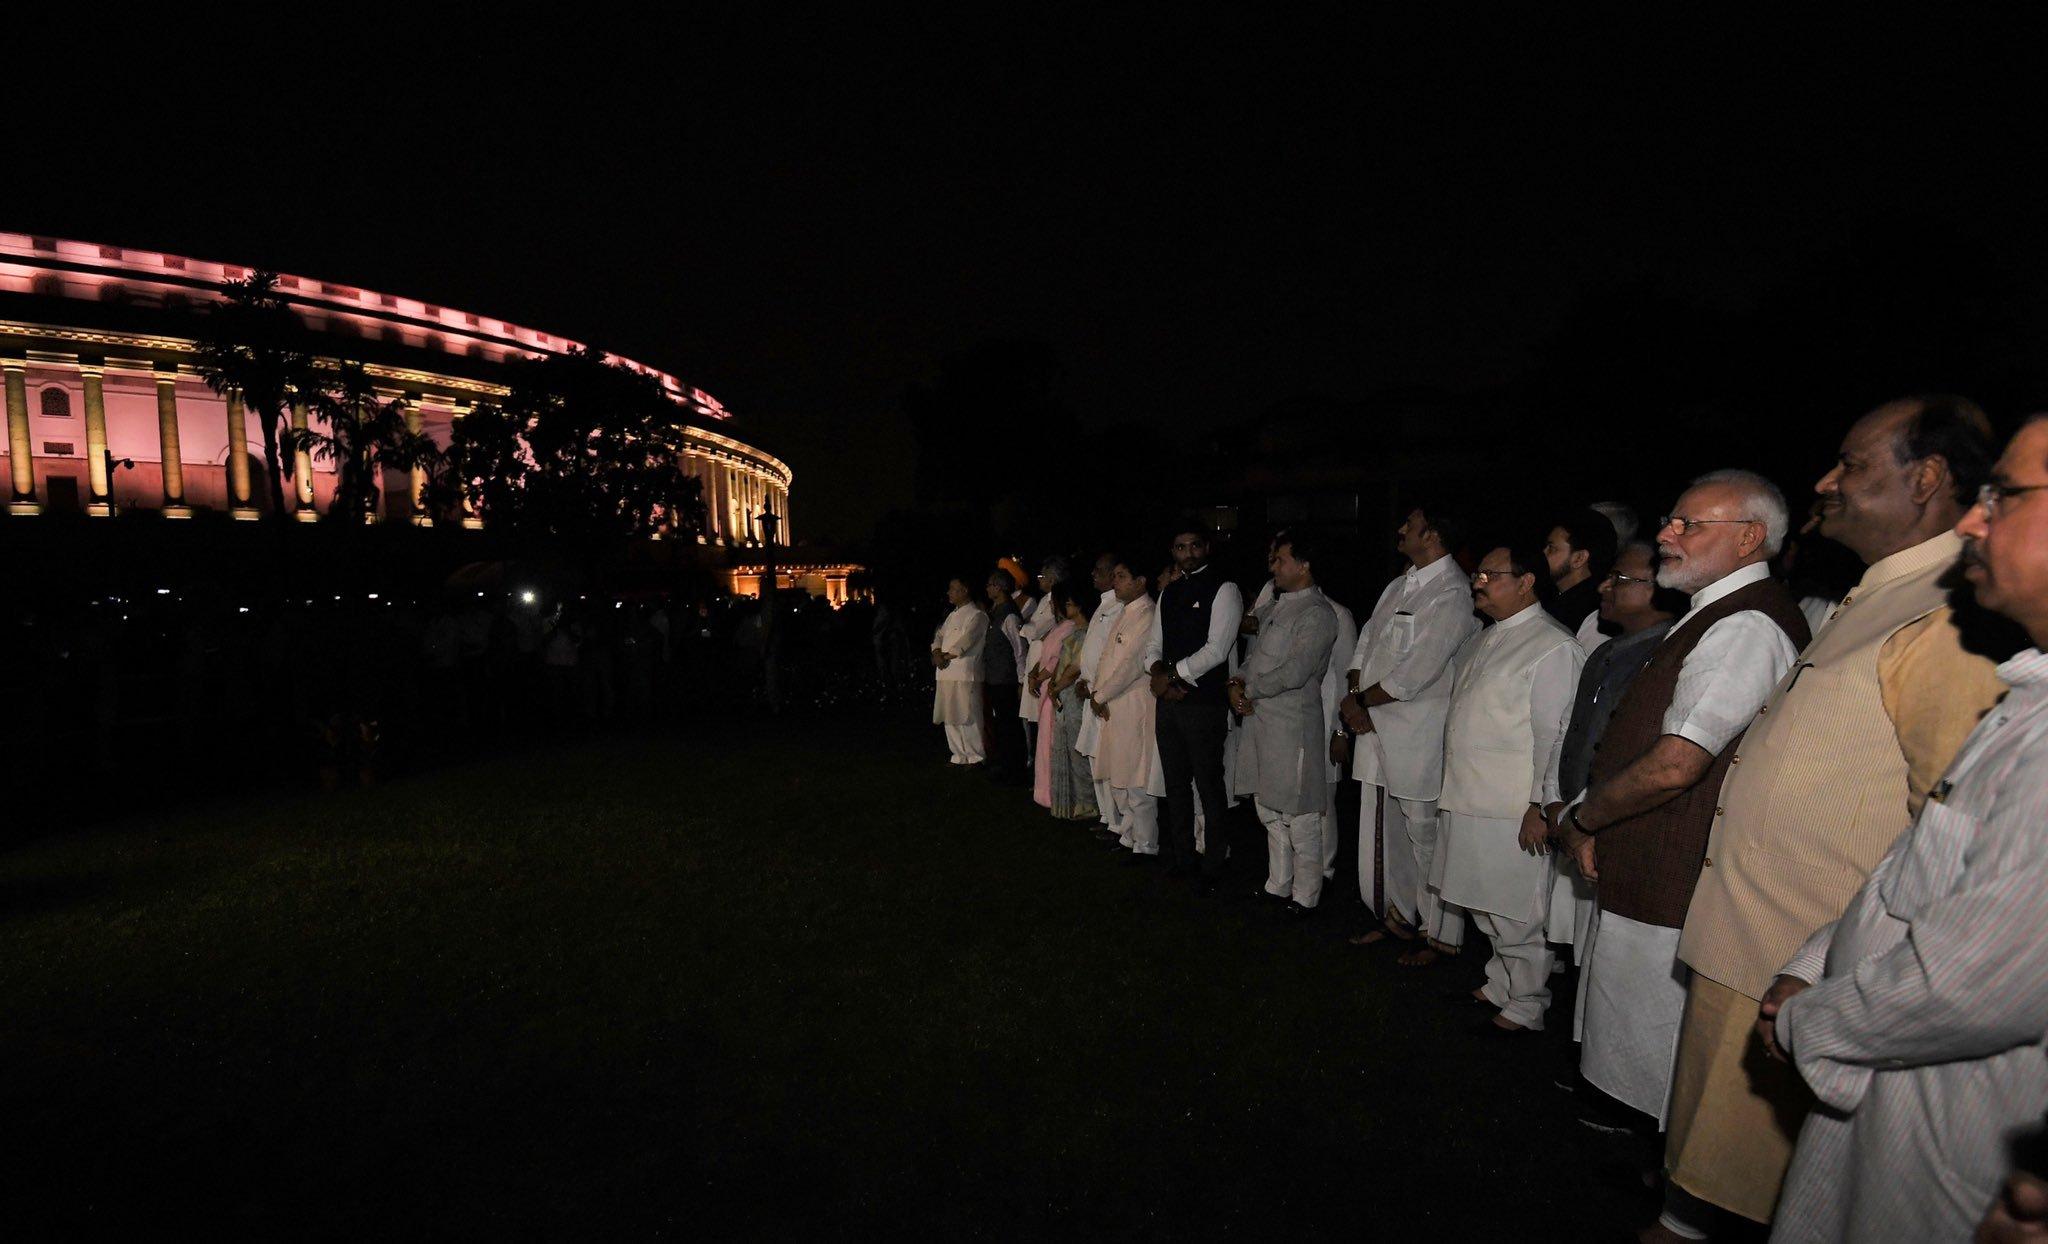 अधिकारियों ने बताया कि उद्घाटन कार्यक्रम के लिए सांसदों को भी आमंत्रित किया गया था. नयी प्रकाश व्यवस्था में संसद भवन और सुंदर नजर आ रहा है. (Photos-ANI)